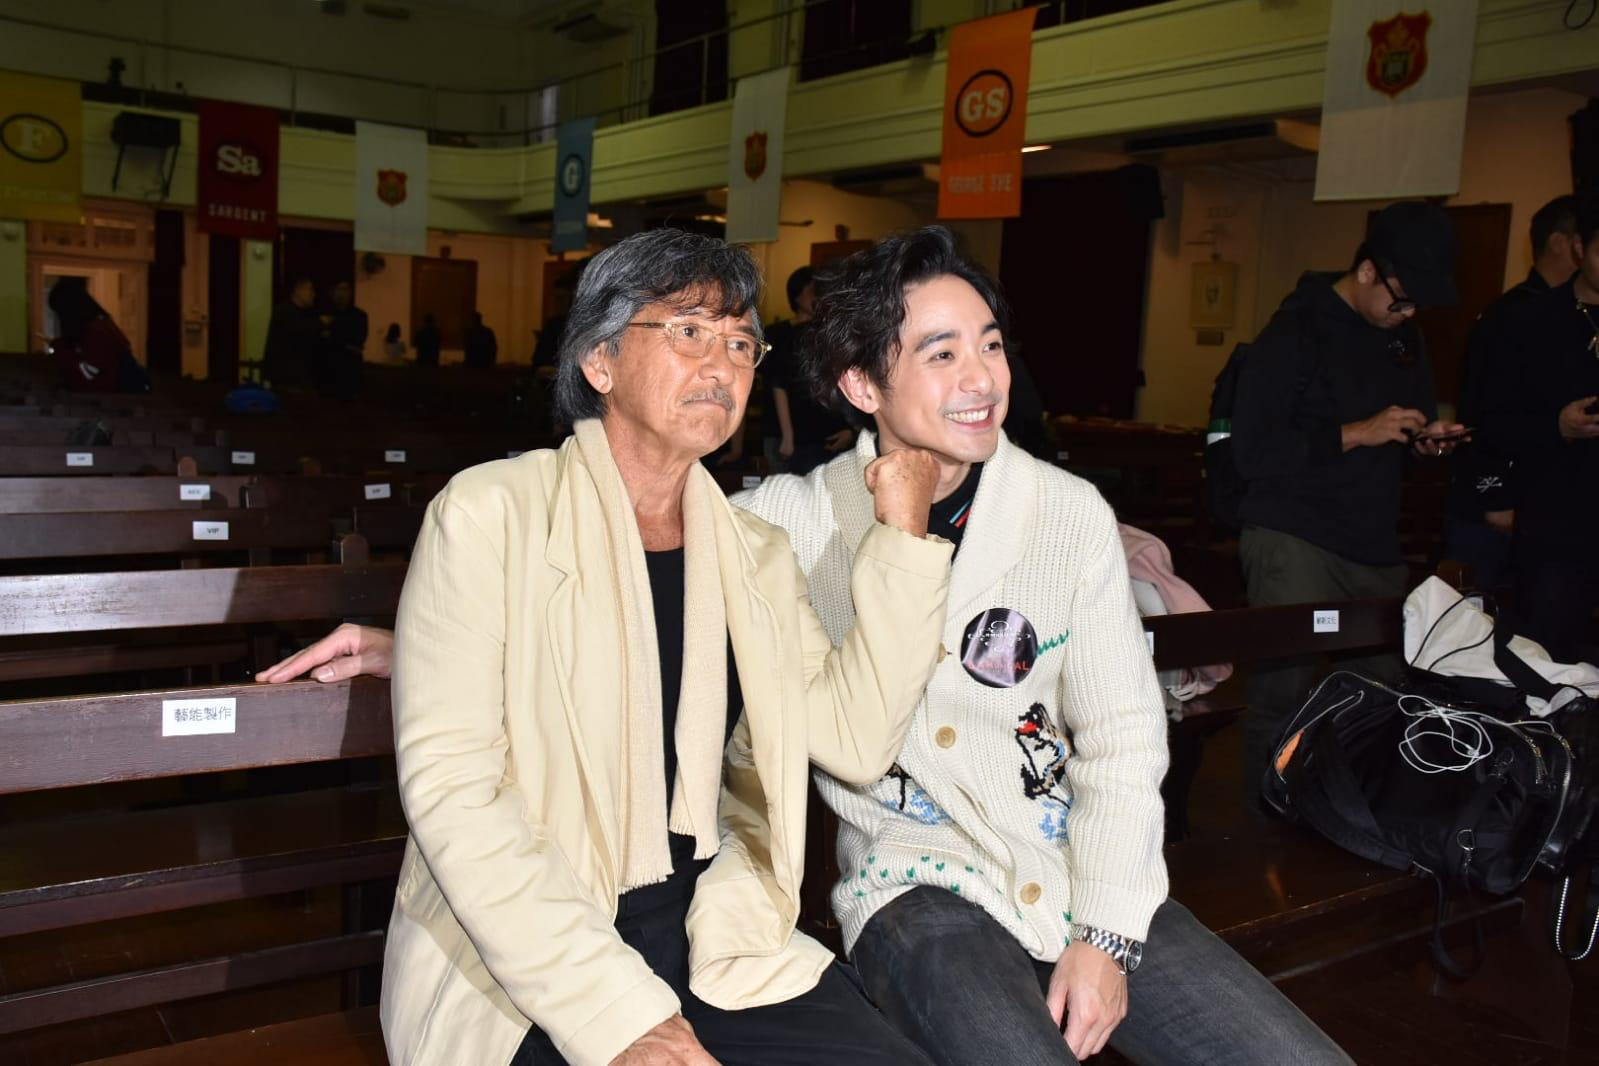 林德信(右)將為父親的個唱演出。